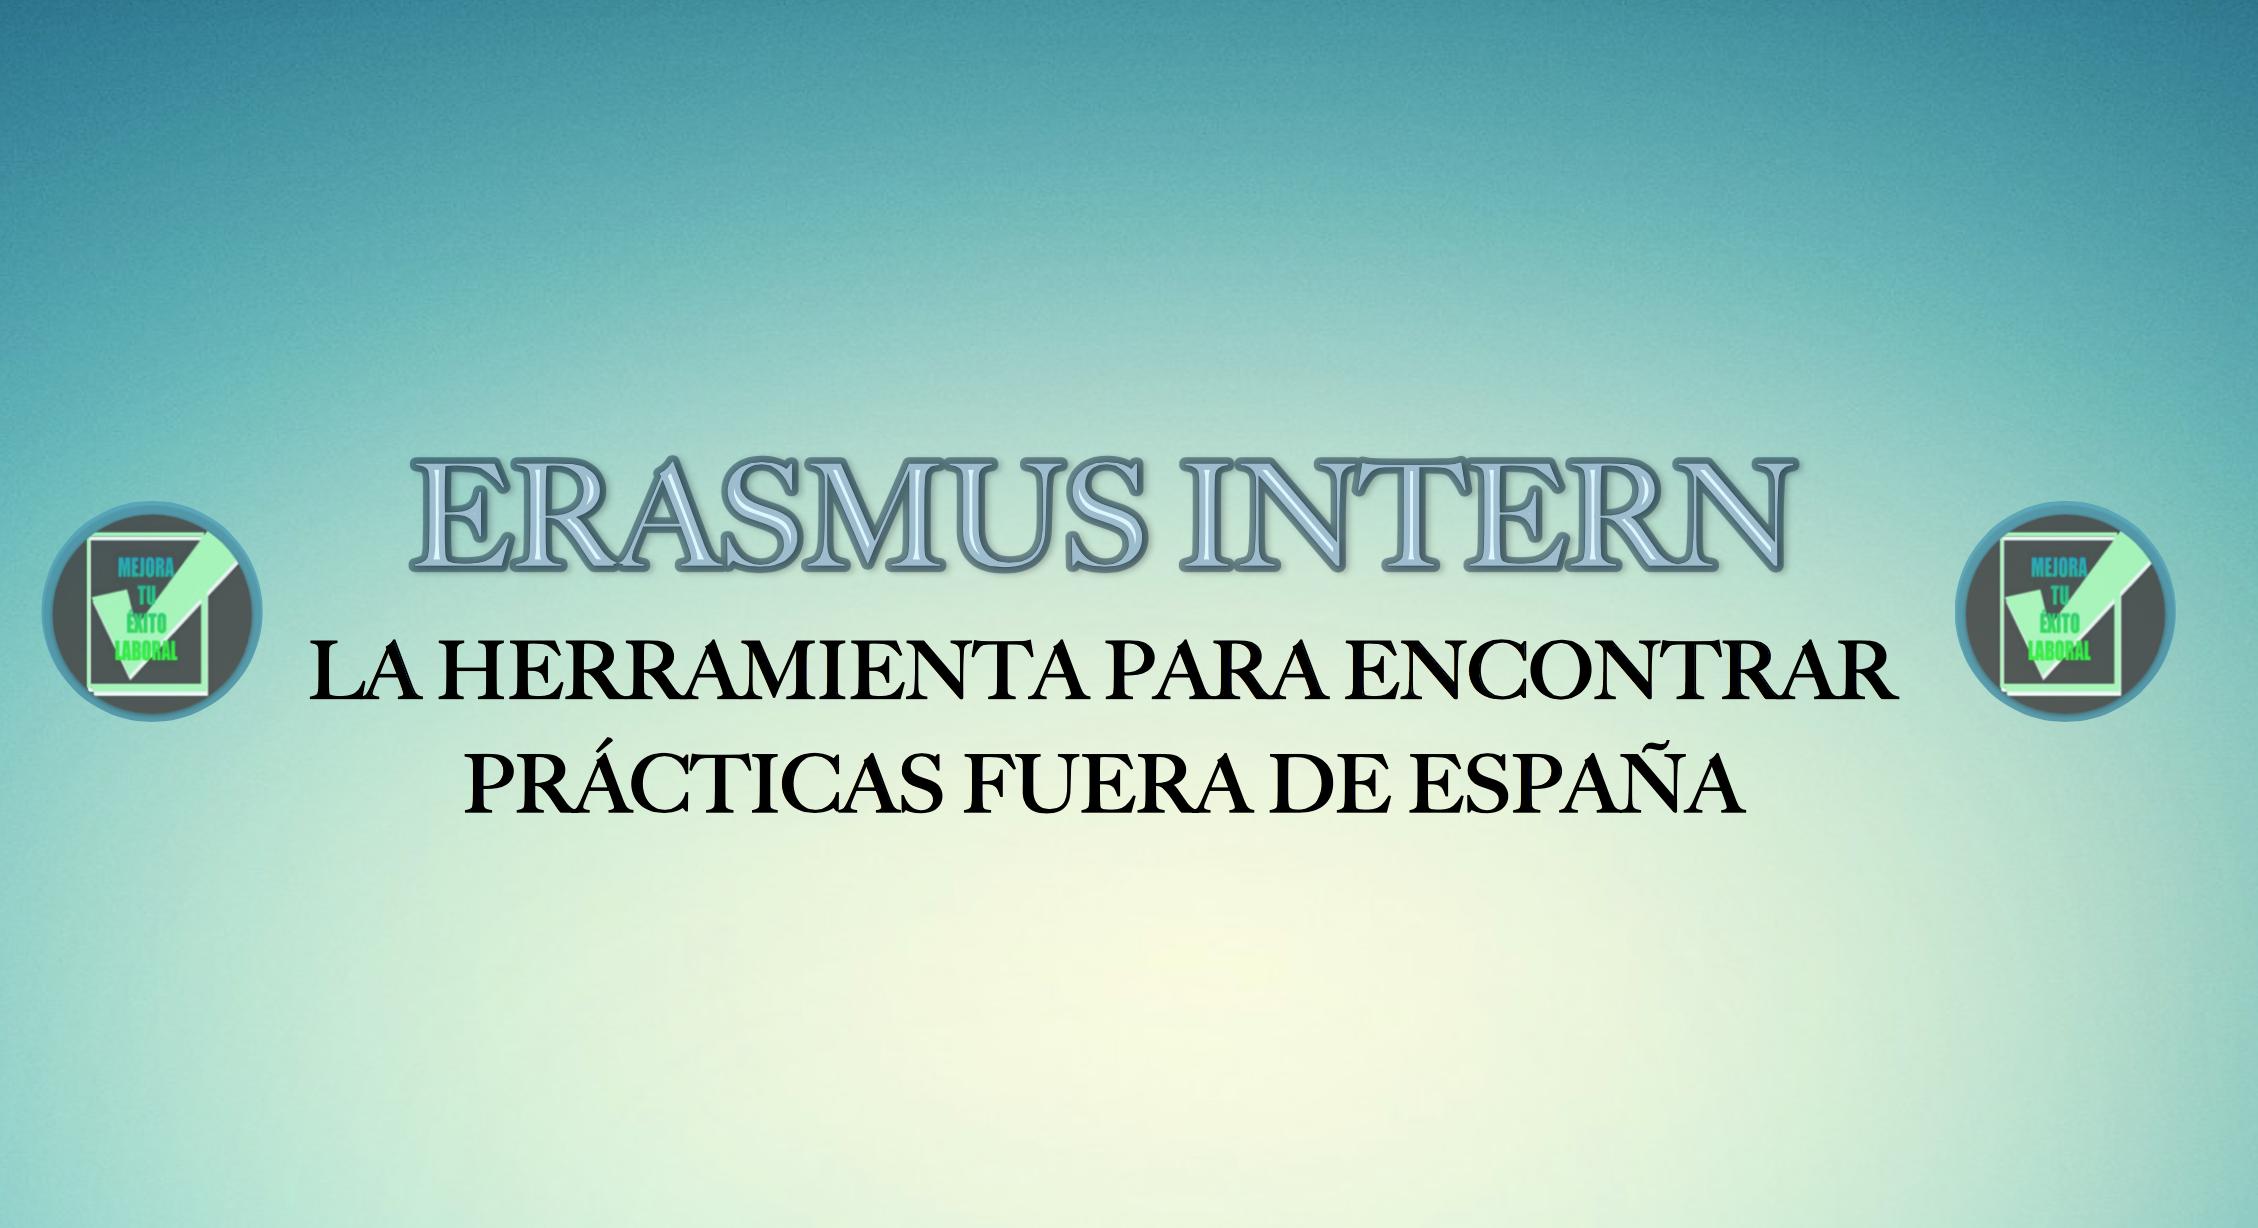 Erasmus, Prácticas, Prácticas Profesionales, primer empleo, becarios, intern, internship, contrato en prácticas, convenio de colaboración, trabajo, empleo, empleo internacional, international work, universidad, estudiantes, empresas,